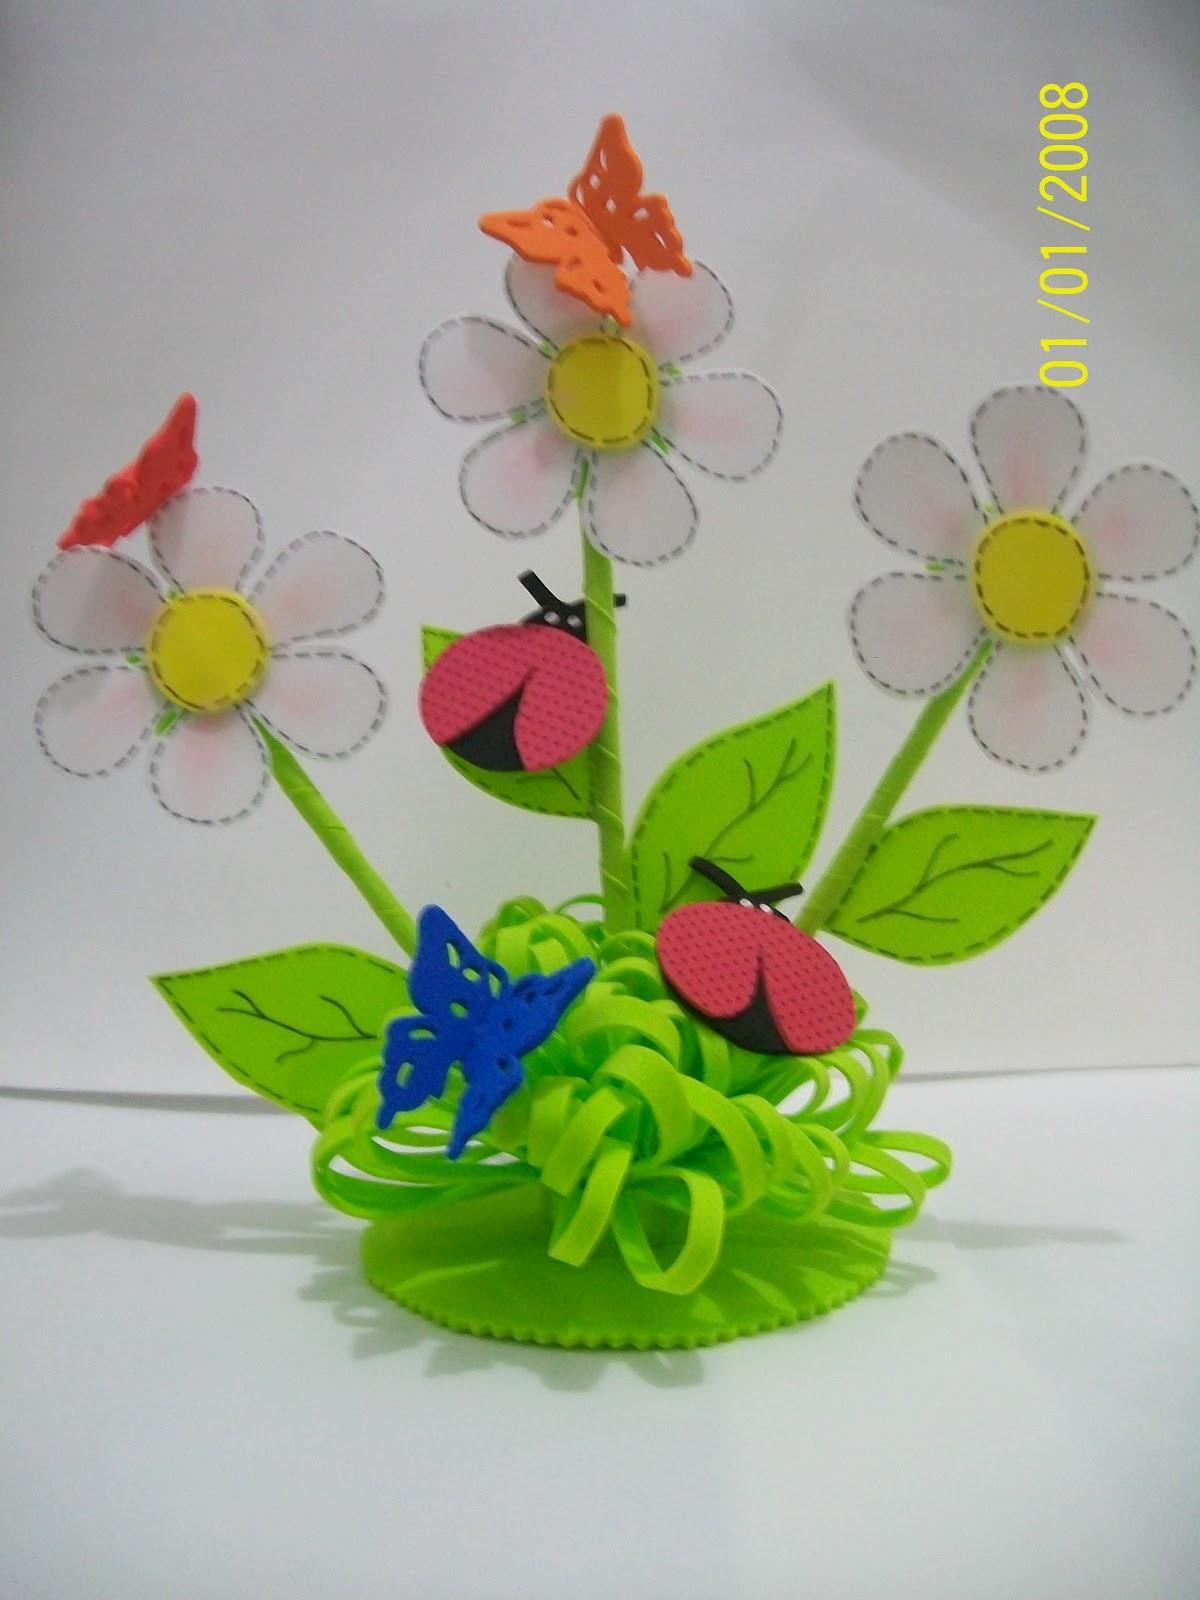 enfeite de mesa aniversario jardim encantado:sexta-feira, 24 de fevereiro de 2012